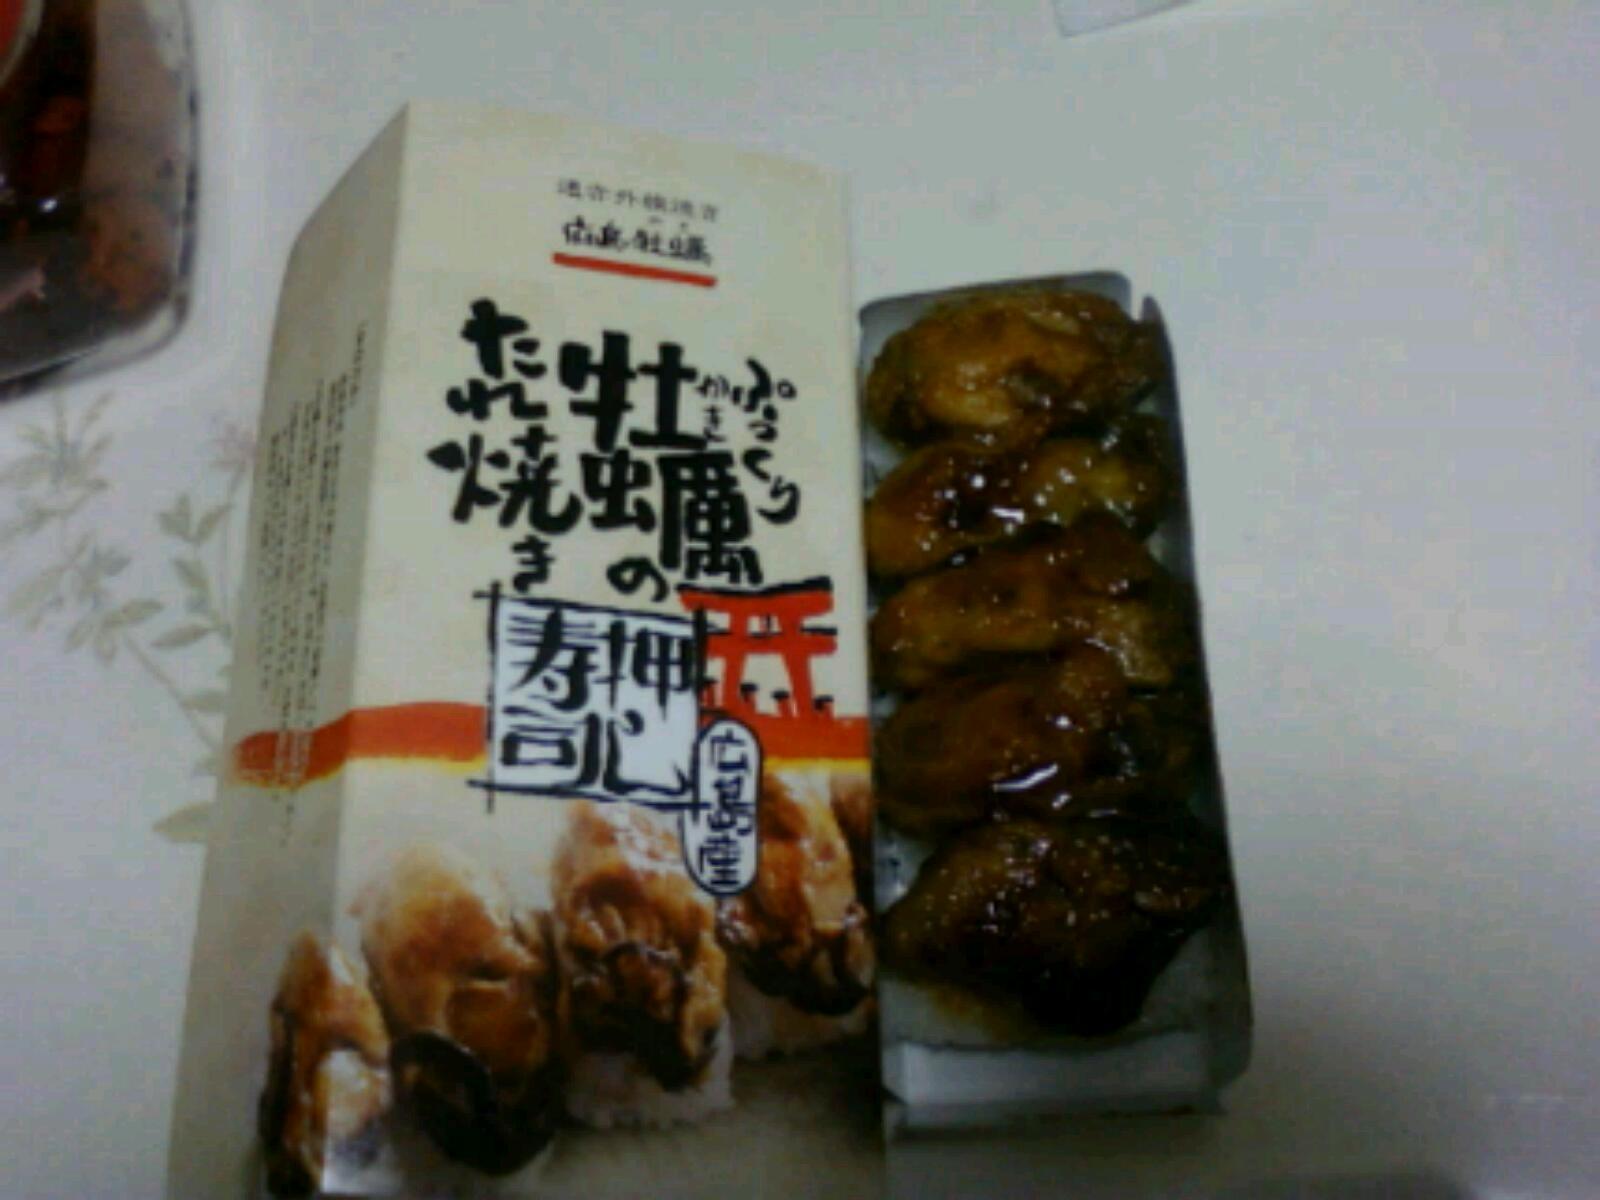 遠赤外線焼きぷっくり牡蠣のたれ焼き押し寿司